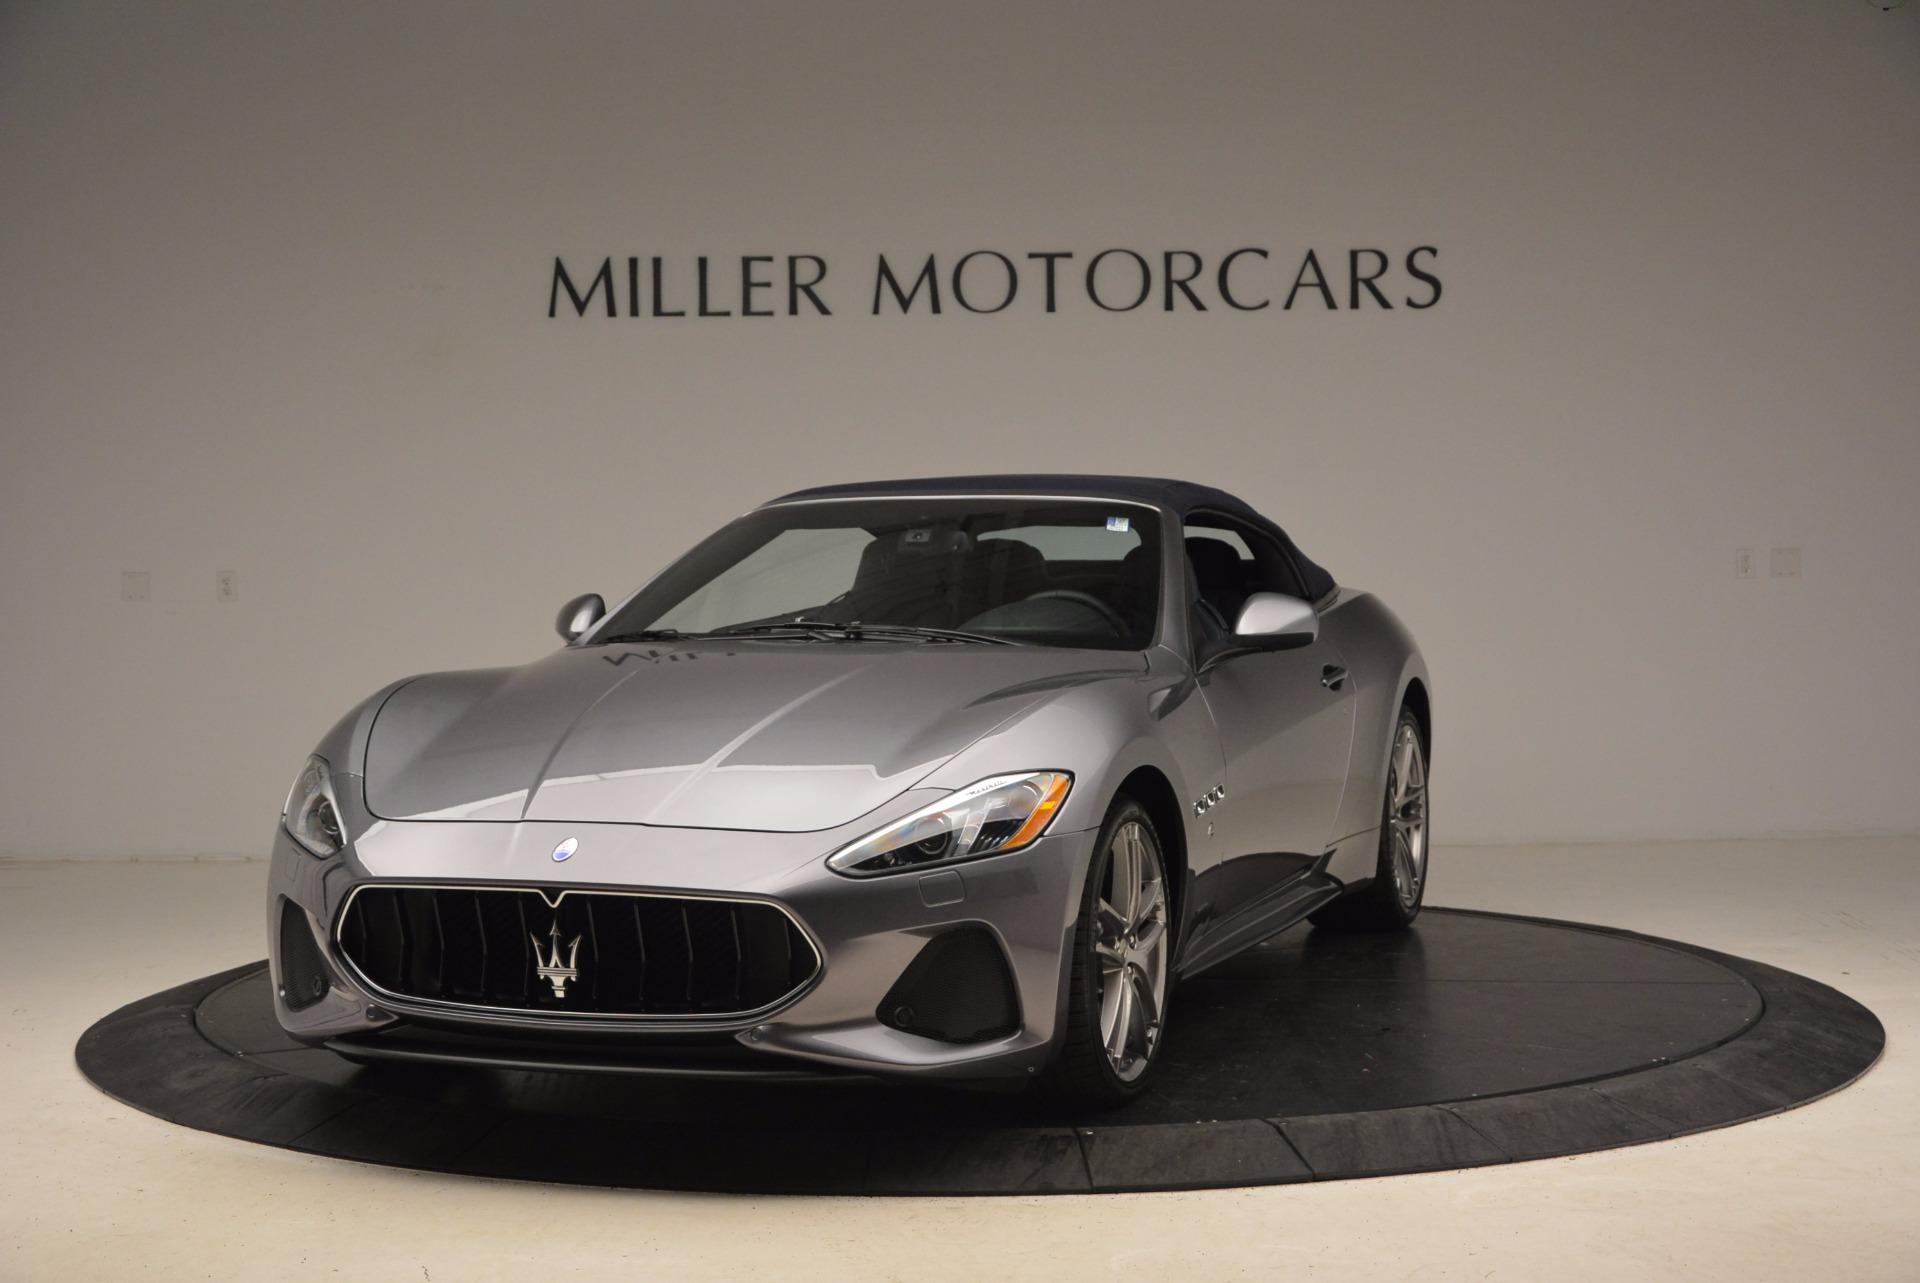 New 2018 Maserati GranTurismo Sport Convertible For Sale In Greenwich, CT 1802_p2